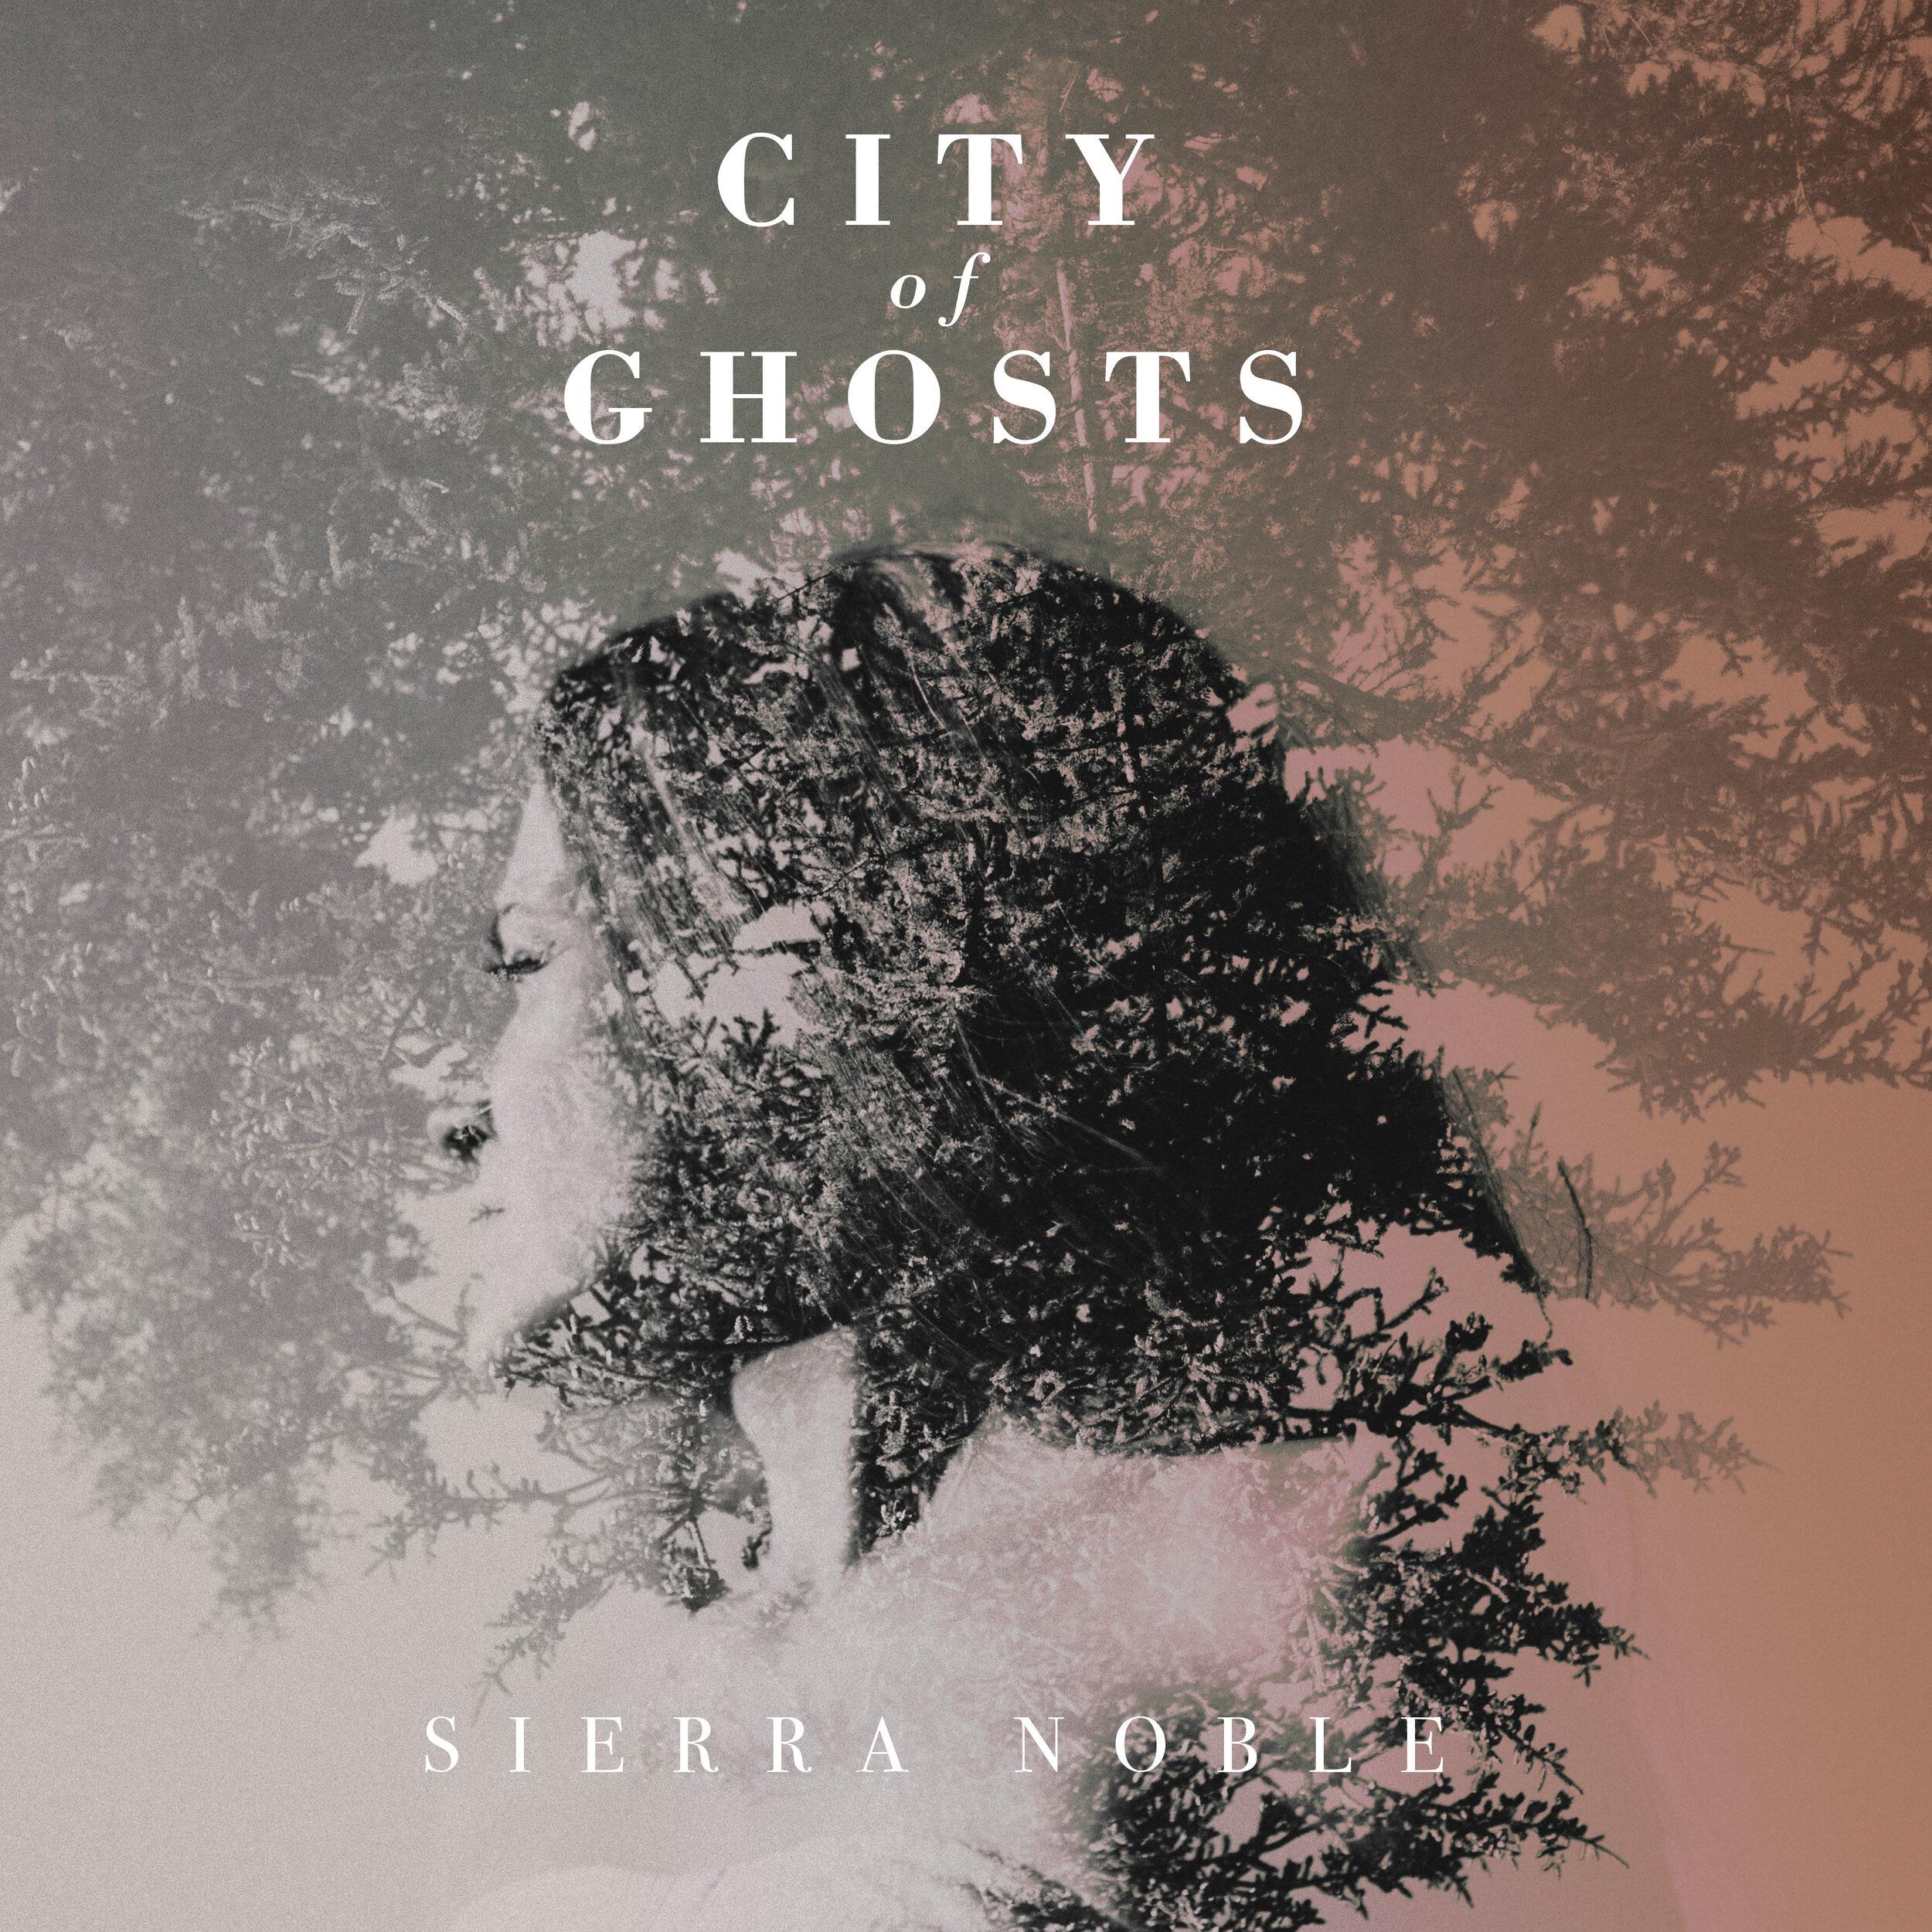 Sierra Noble City of Ghosts Cover copy.jpg